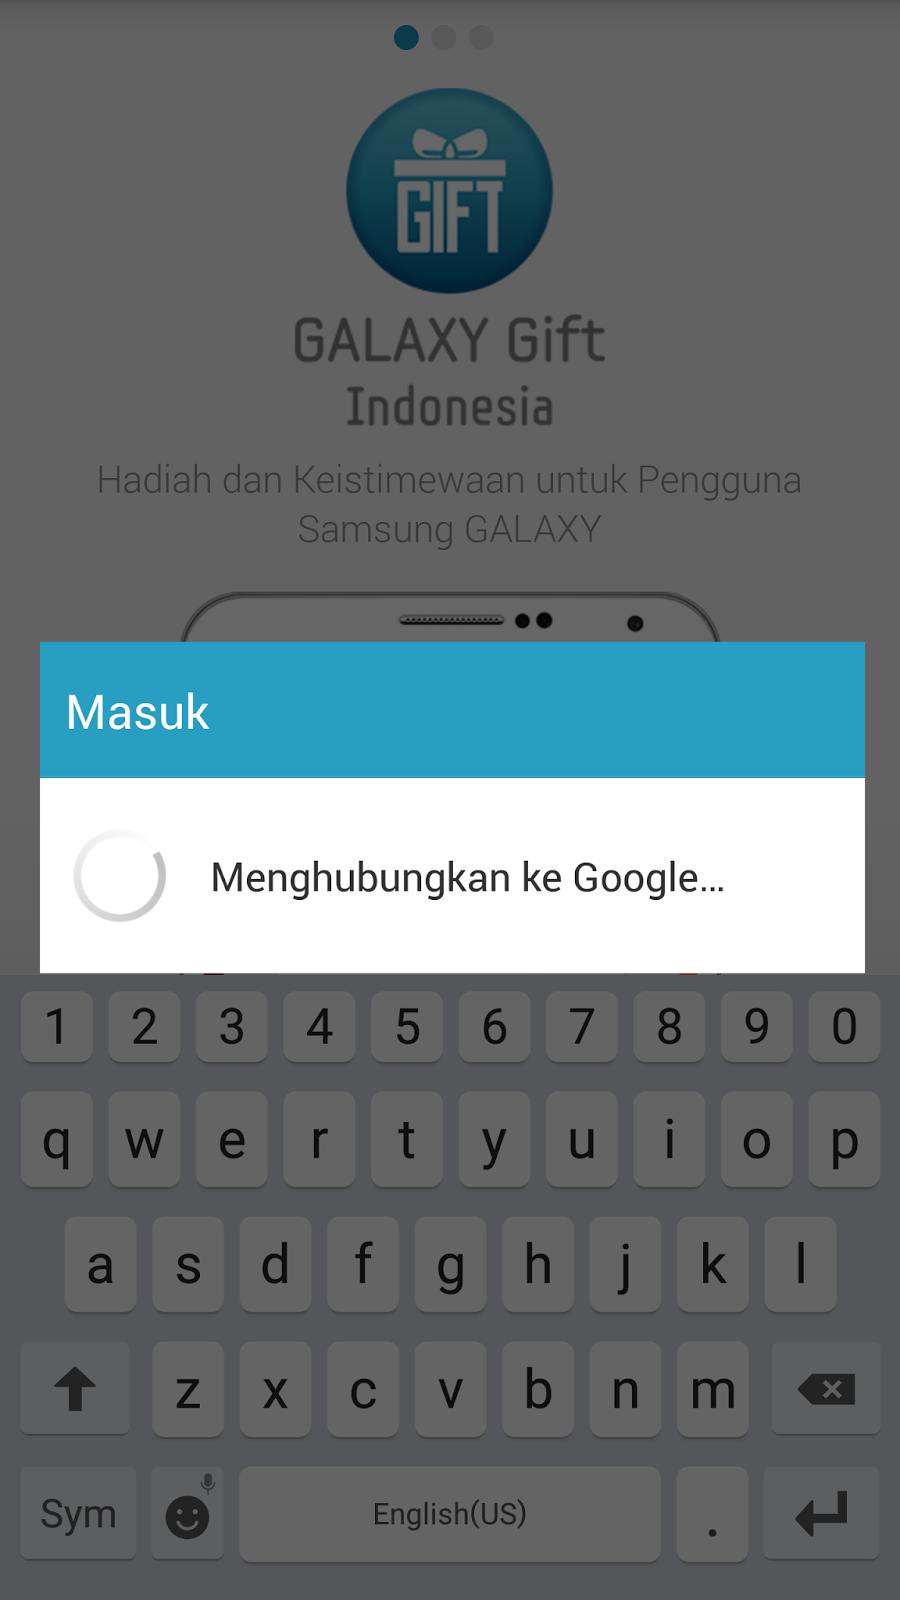 Cara Daftar Samsung Galaxy Gift Dan Menggunakannya Teman Nongkrong Voucher Alfamart 50000 Di Tunggu Sesuai Kecepatan Koneksi